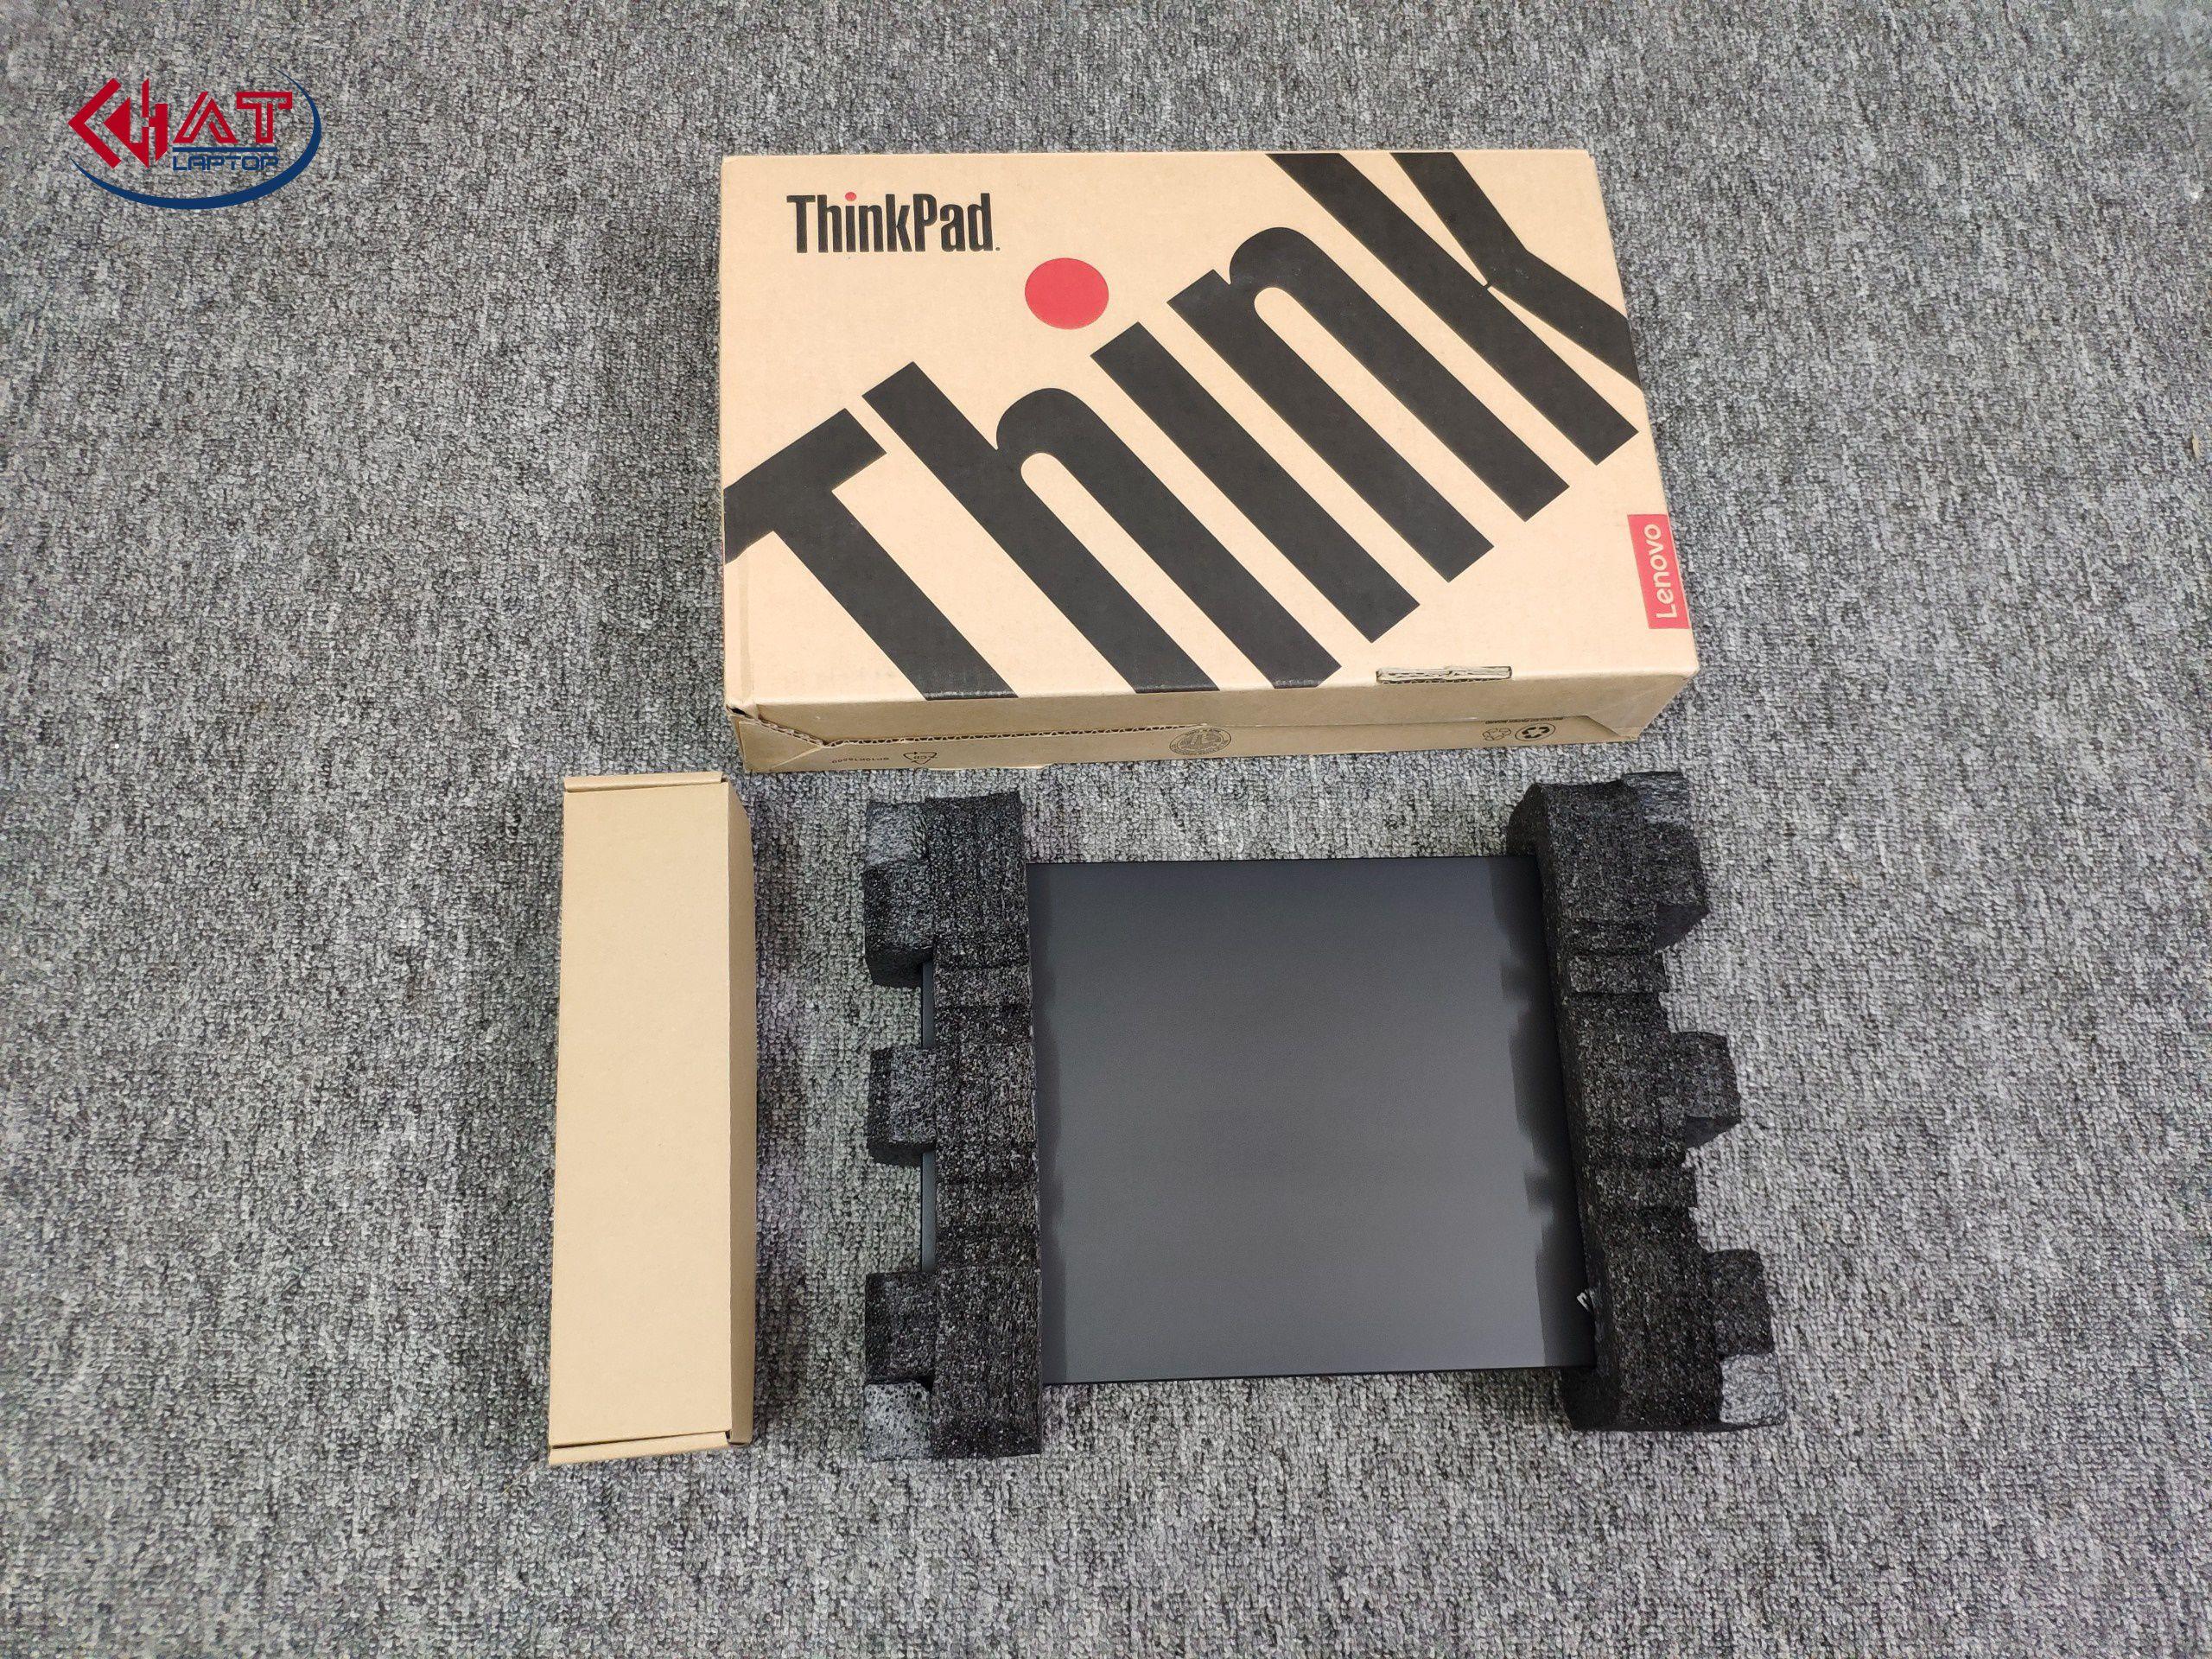 Lenovo ThinkPad T490s i7 8565U/ RAM 32GB/ SSD 512GB/ 14 inch FHD Win 10 Pro